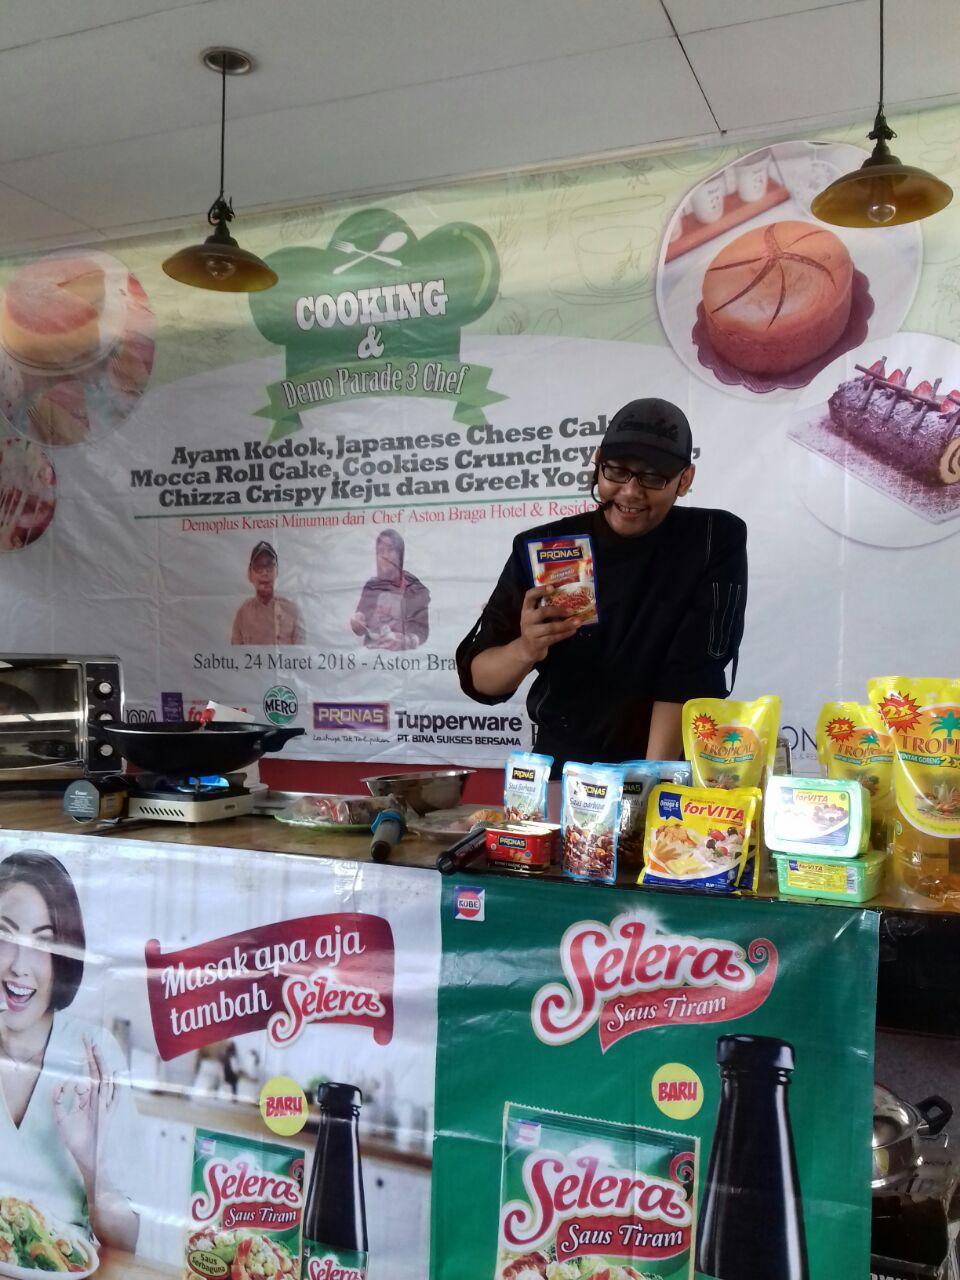 Cooking and Demo Parade 3 Chef at Aston Braga Bandung